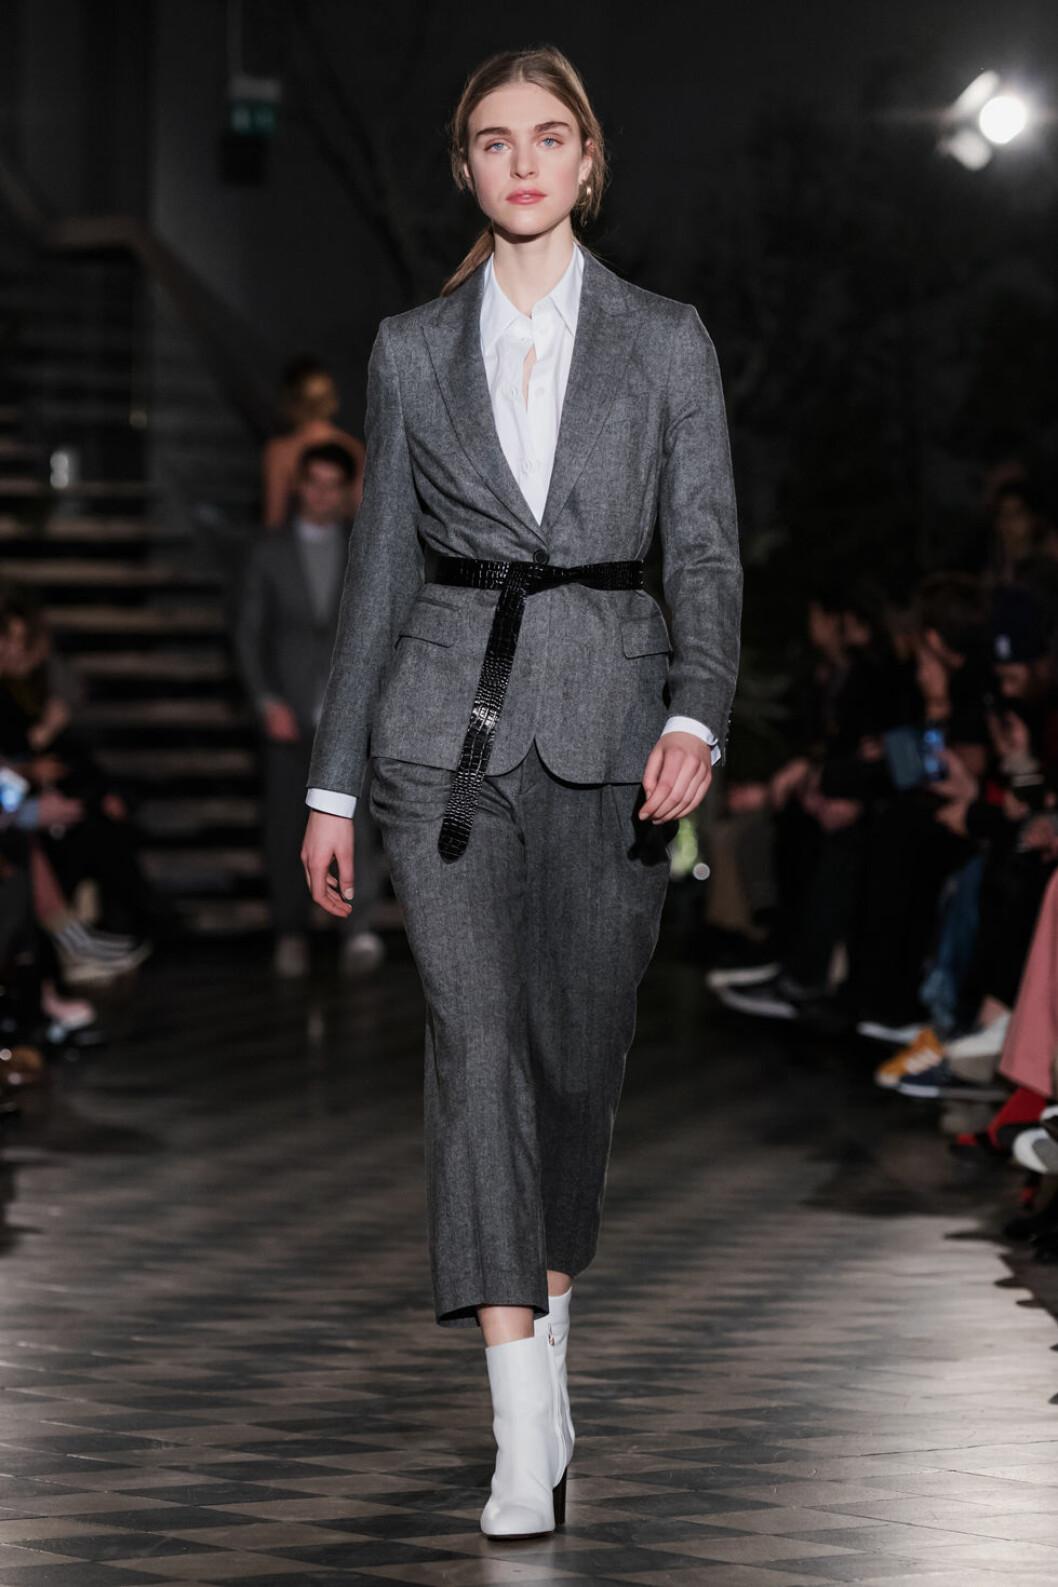 Filippa K AW 18, grå kostym med svart bälte.